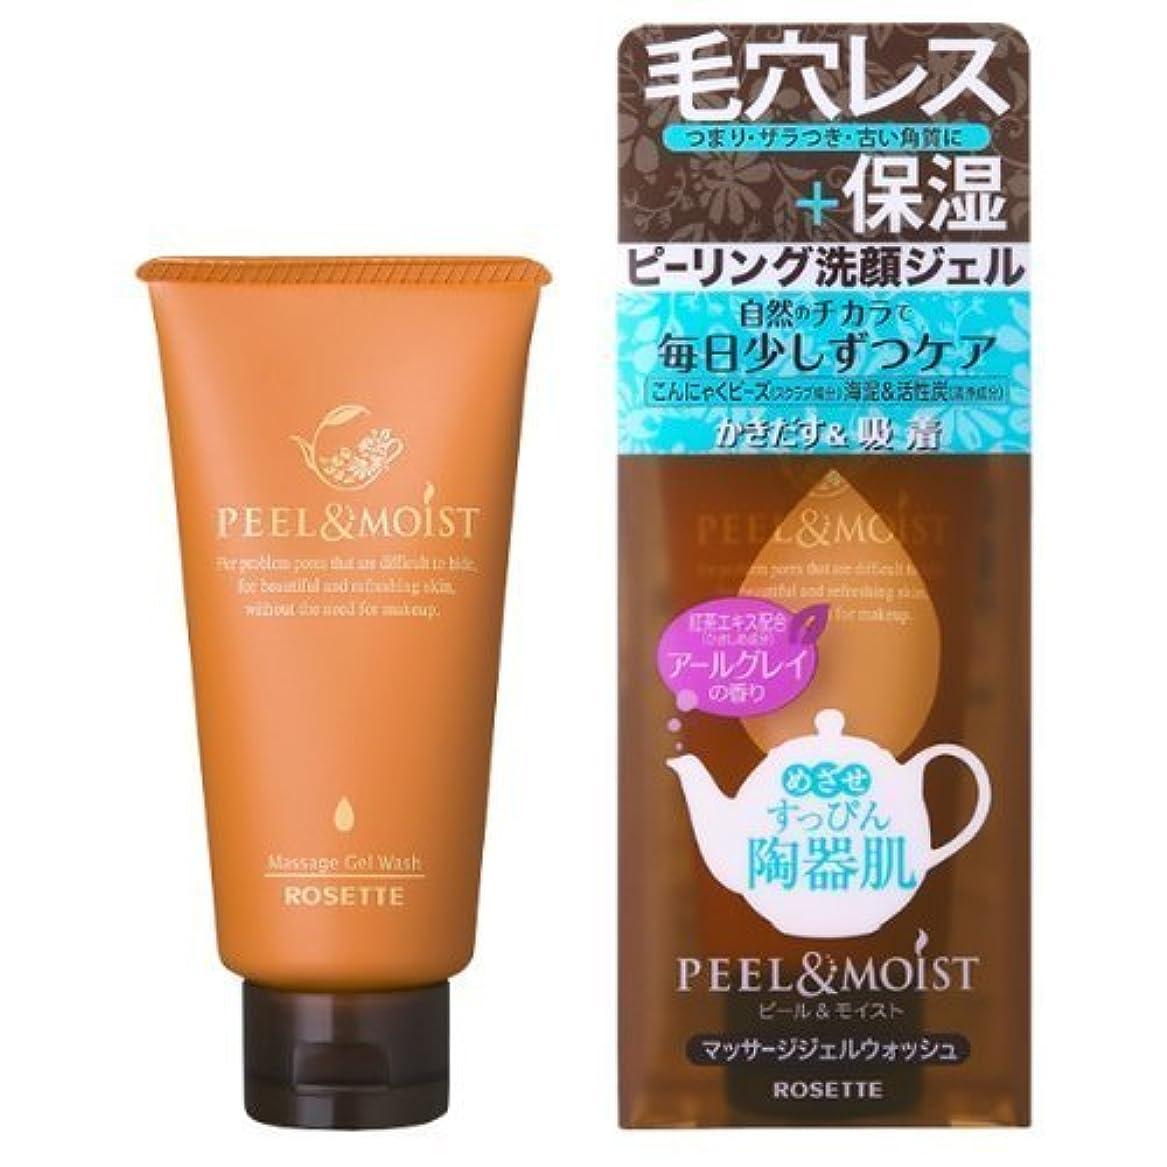 彼女構成するやろうロゼット R40% スーパーうるおいリフトアップ洗顔フォーム 168g もっちりタイプの植物性洗顔フォーム スズランのやさしい香り×48点セット (4901696532591)